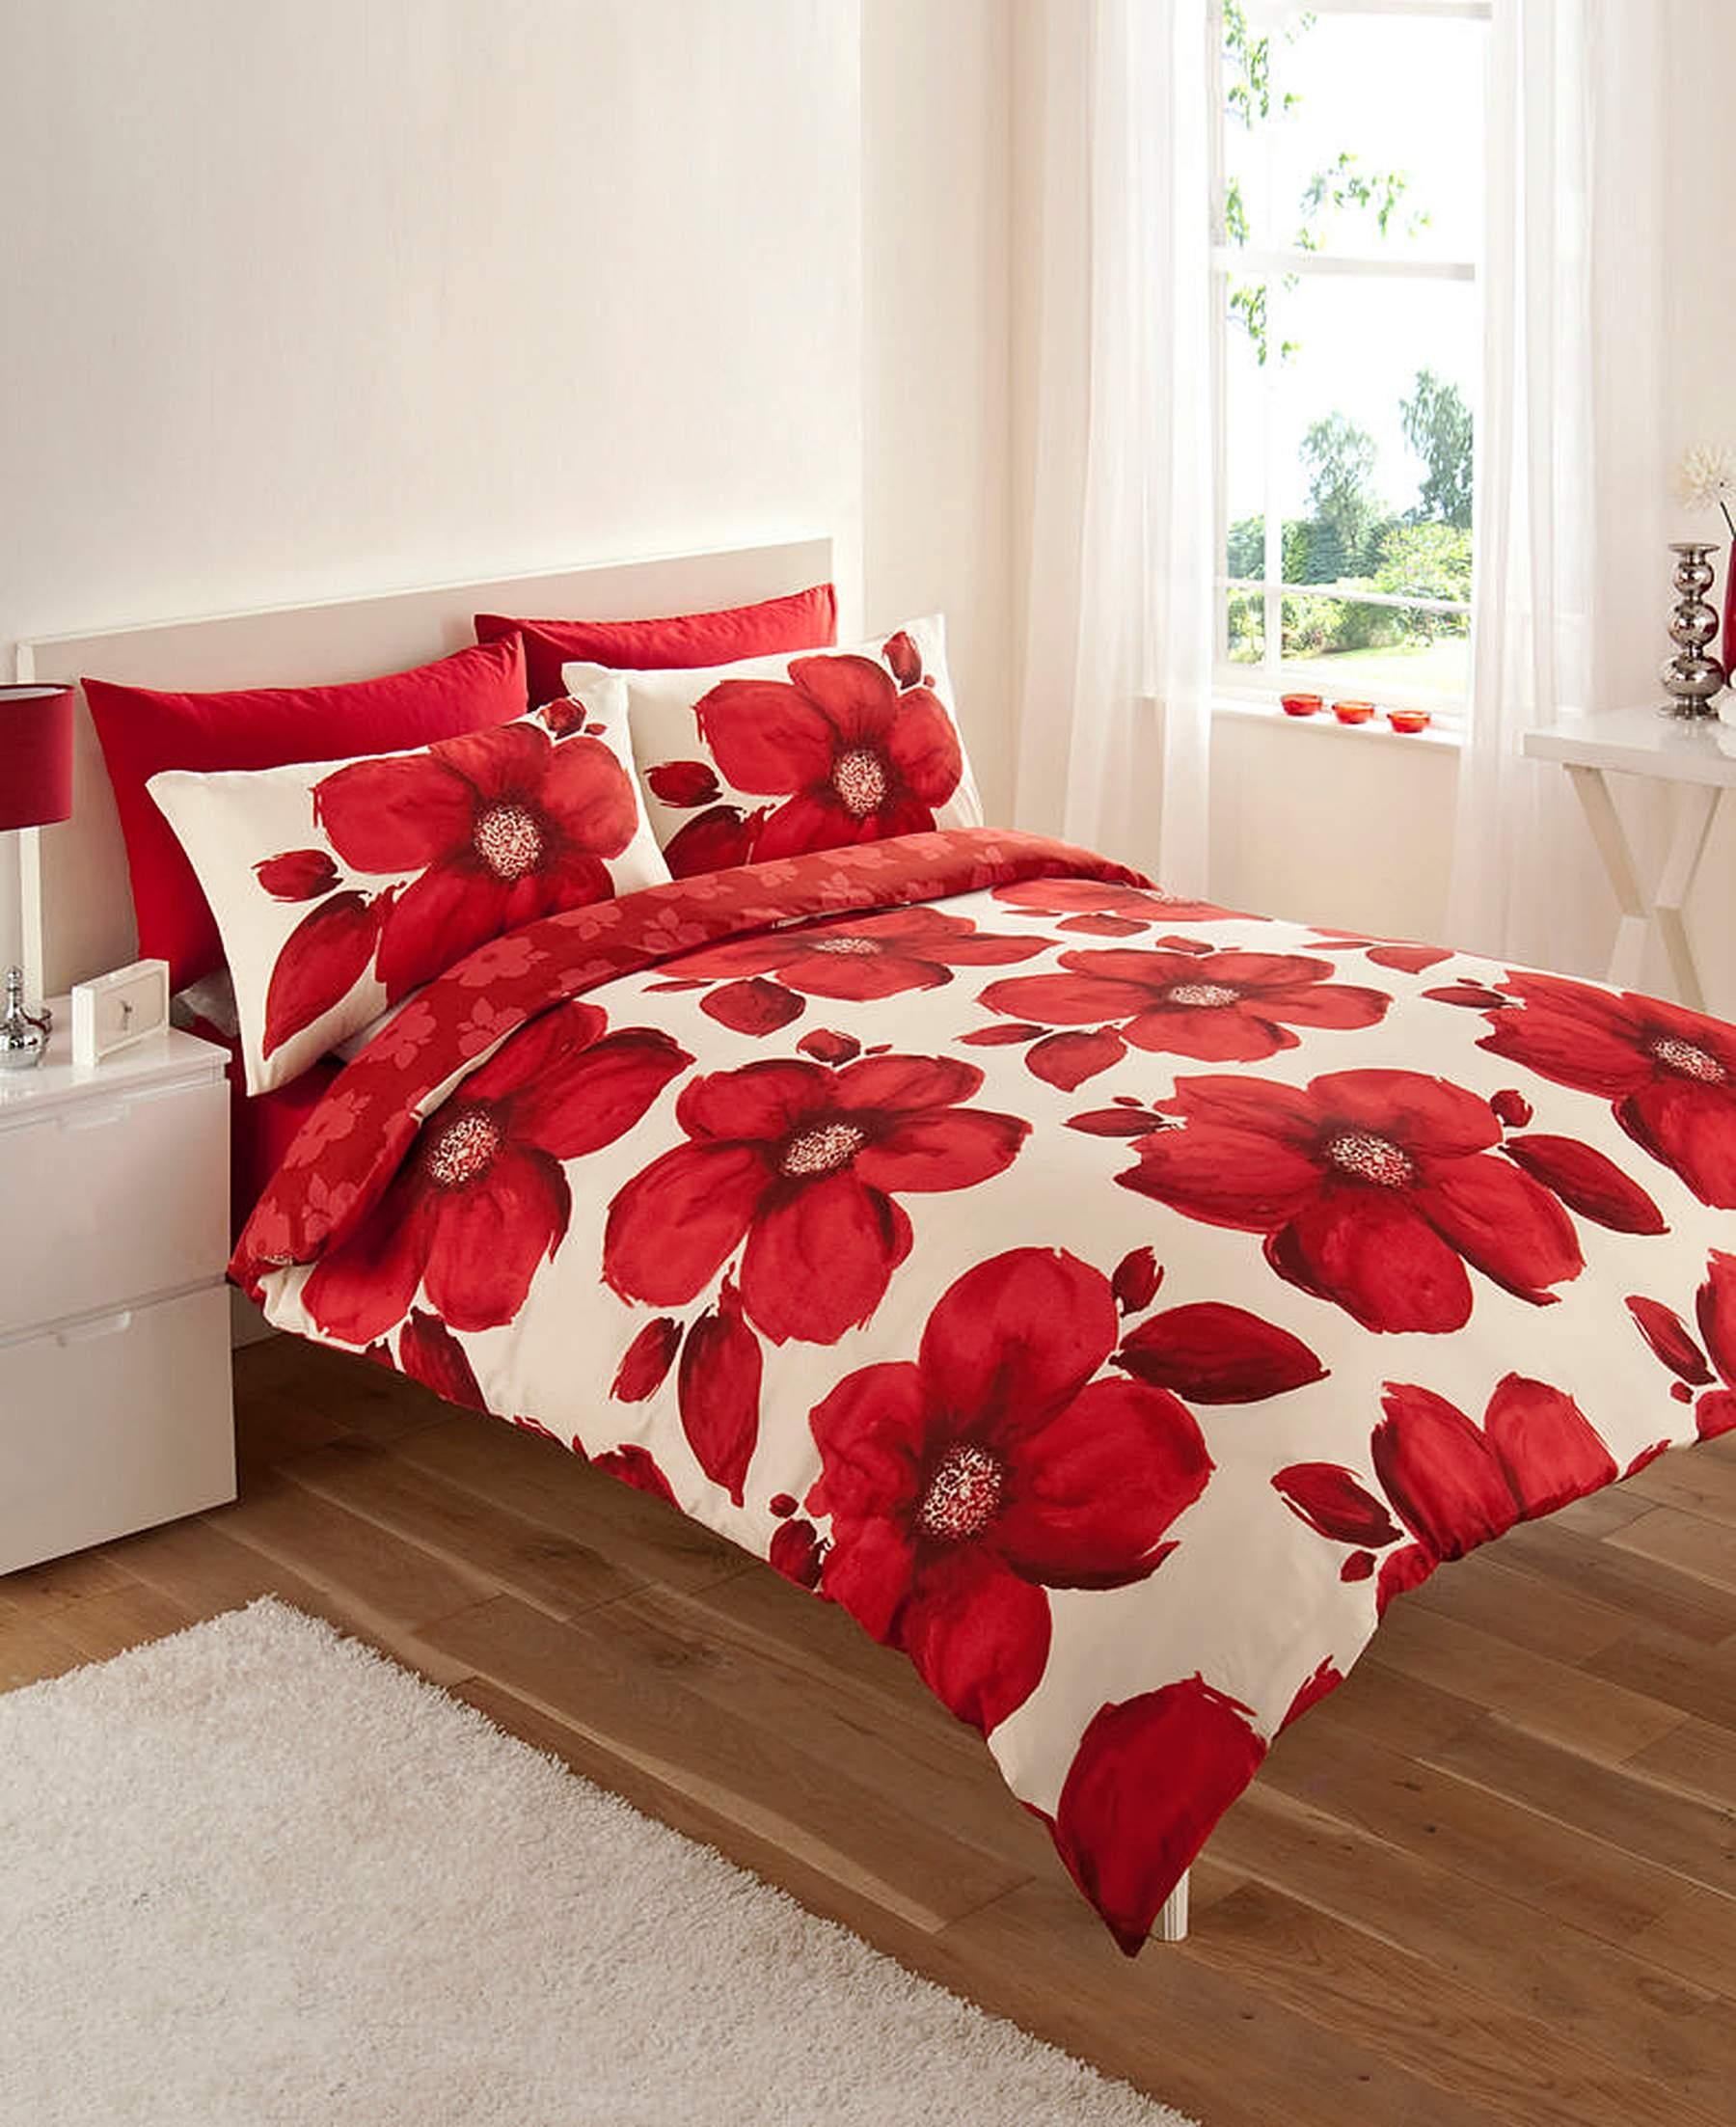 Red Poppy Duvet Cover Sweetgalas